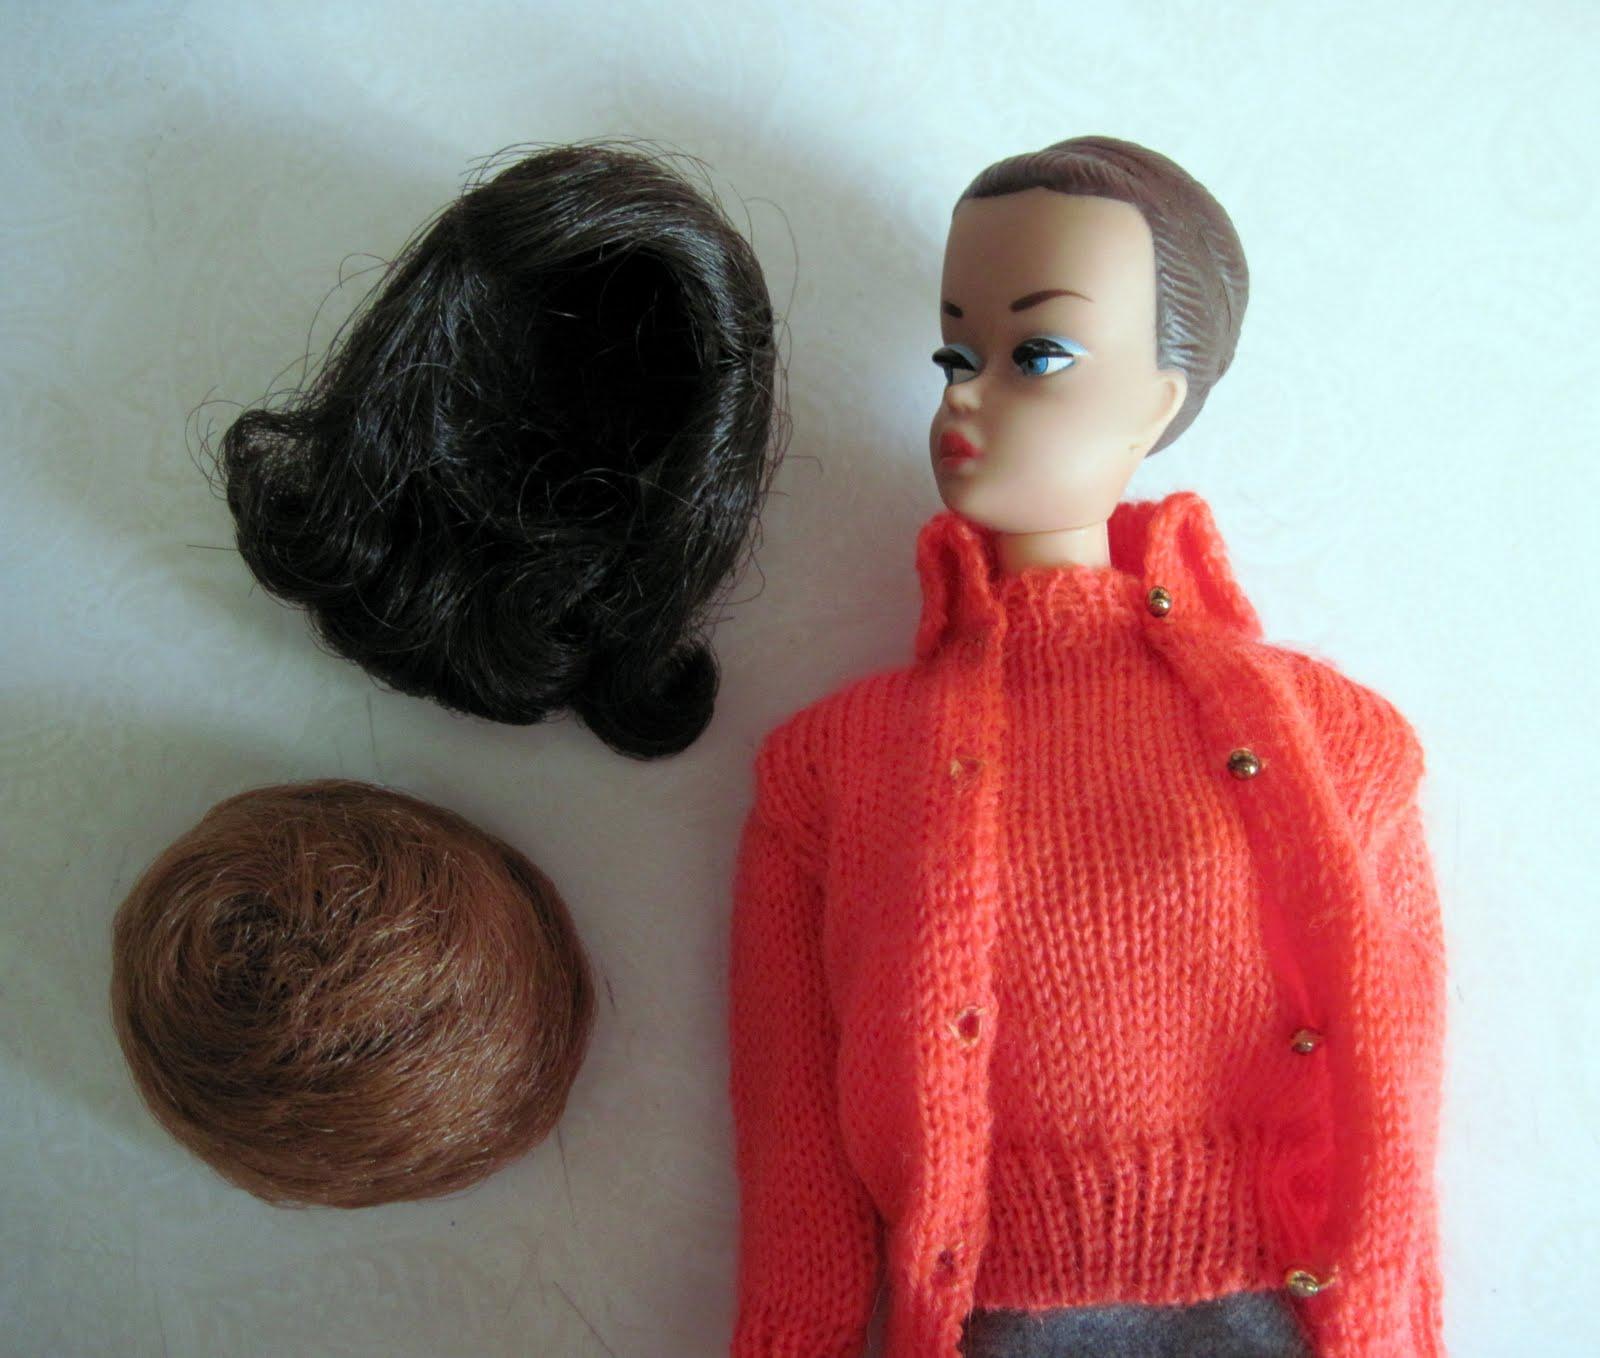 Barbie Dolls With Wigs 40